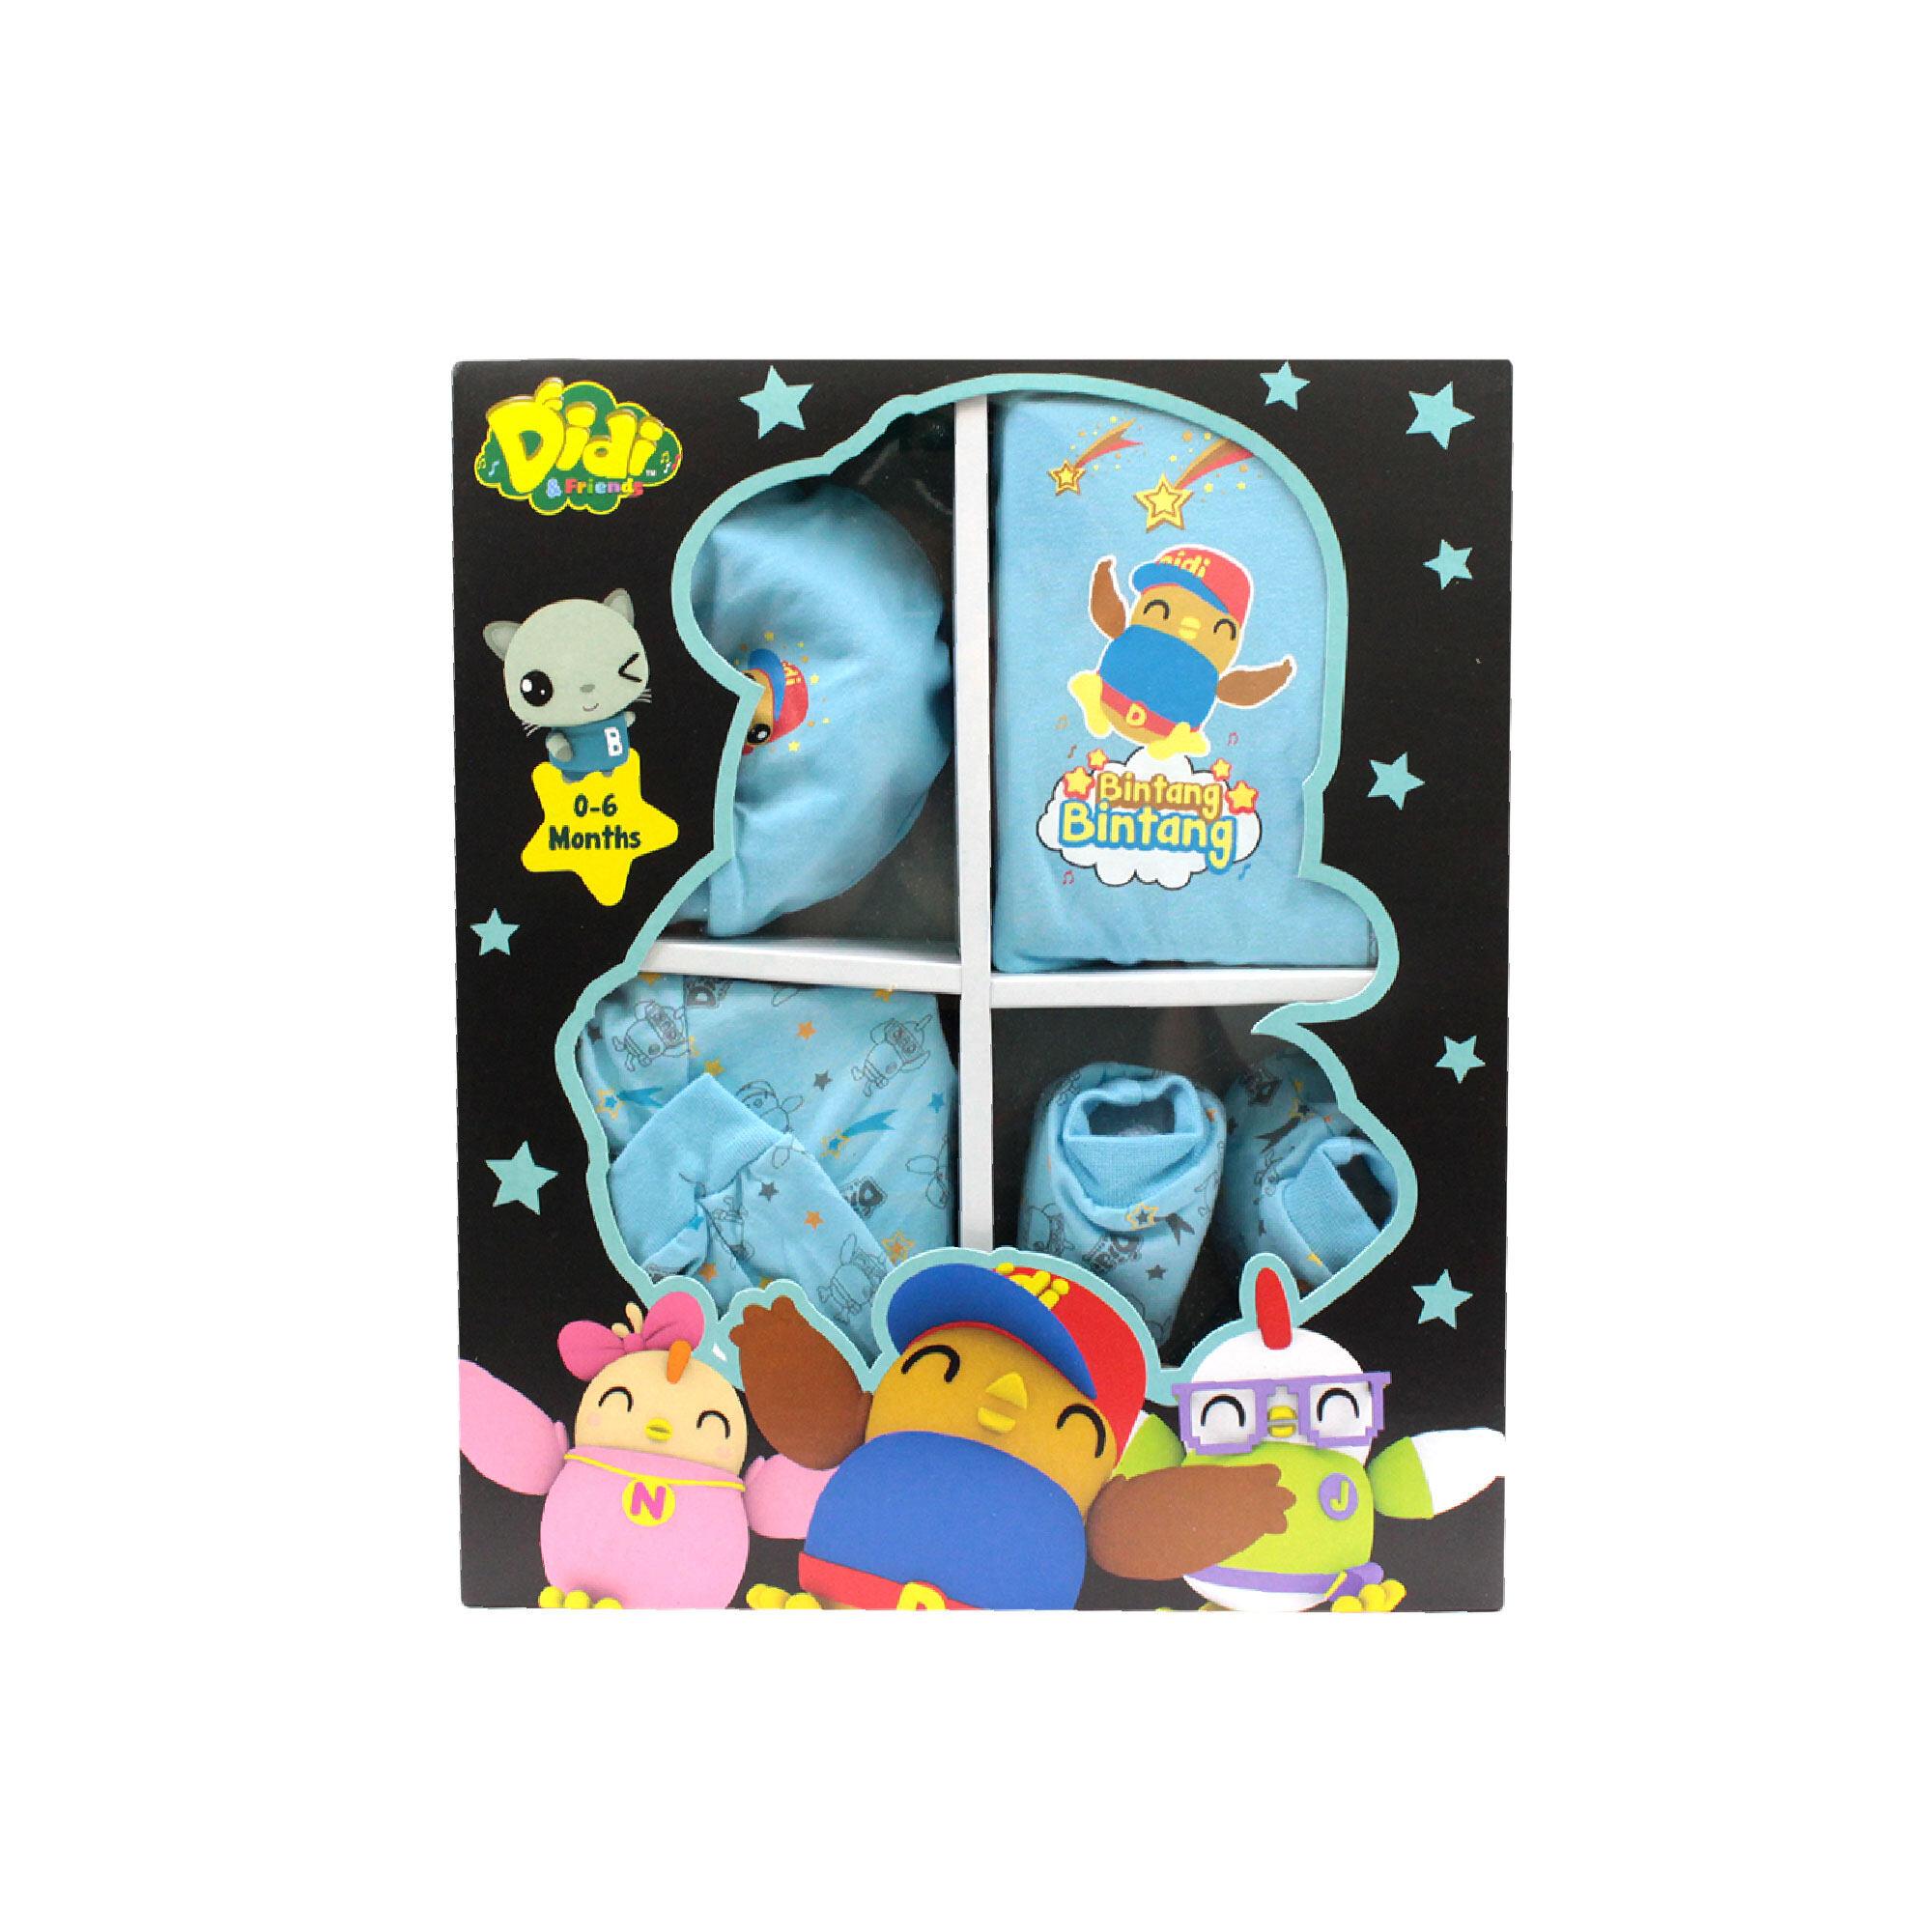 Didi & Friends 5pcs Premium New Born Baby Clothes Gift Set - Blue Colour